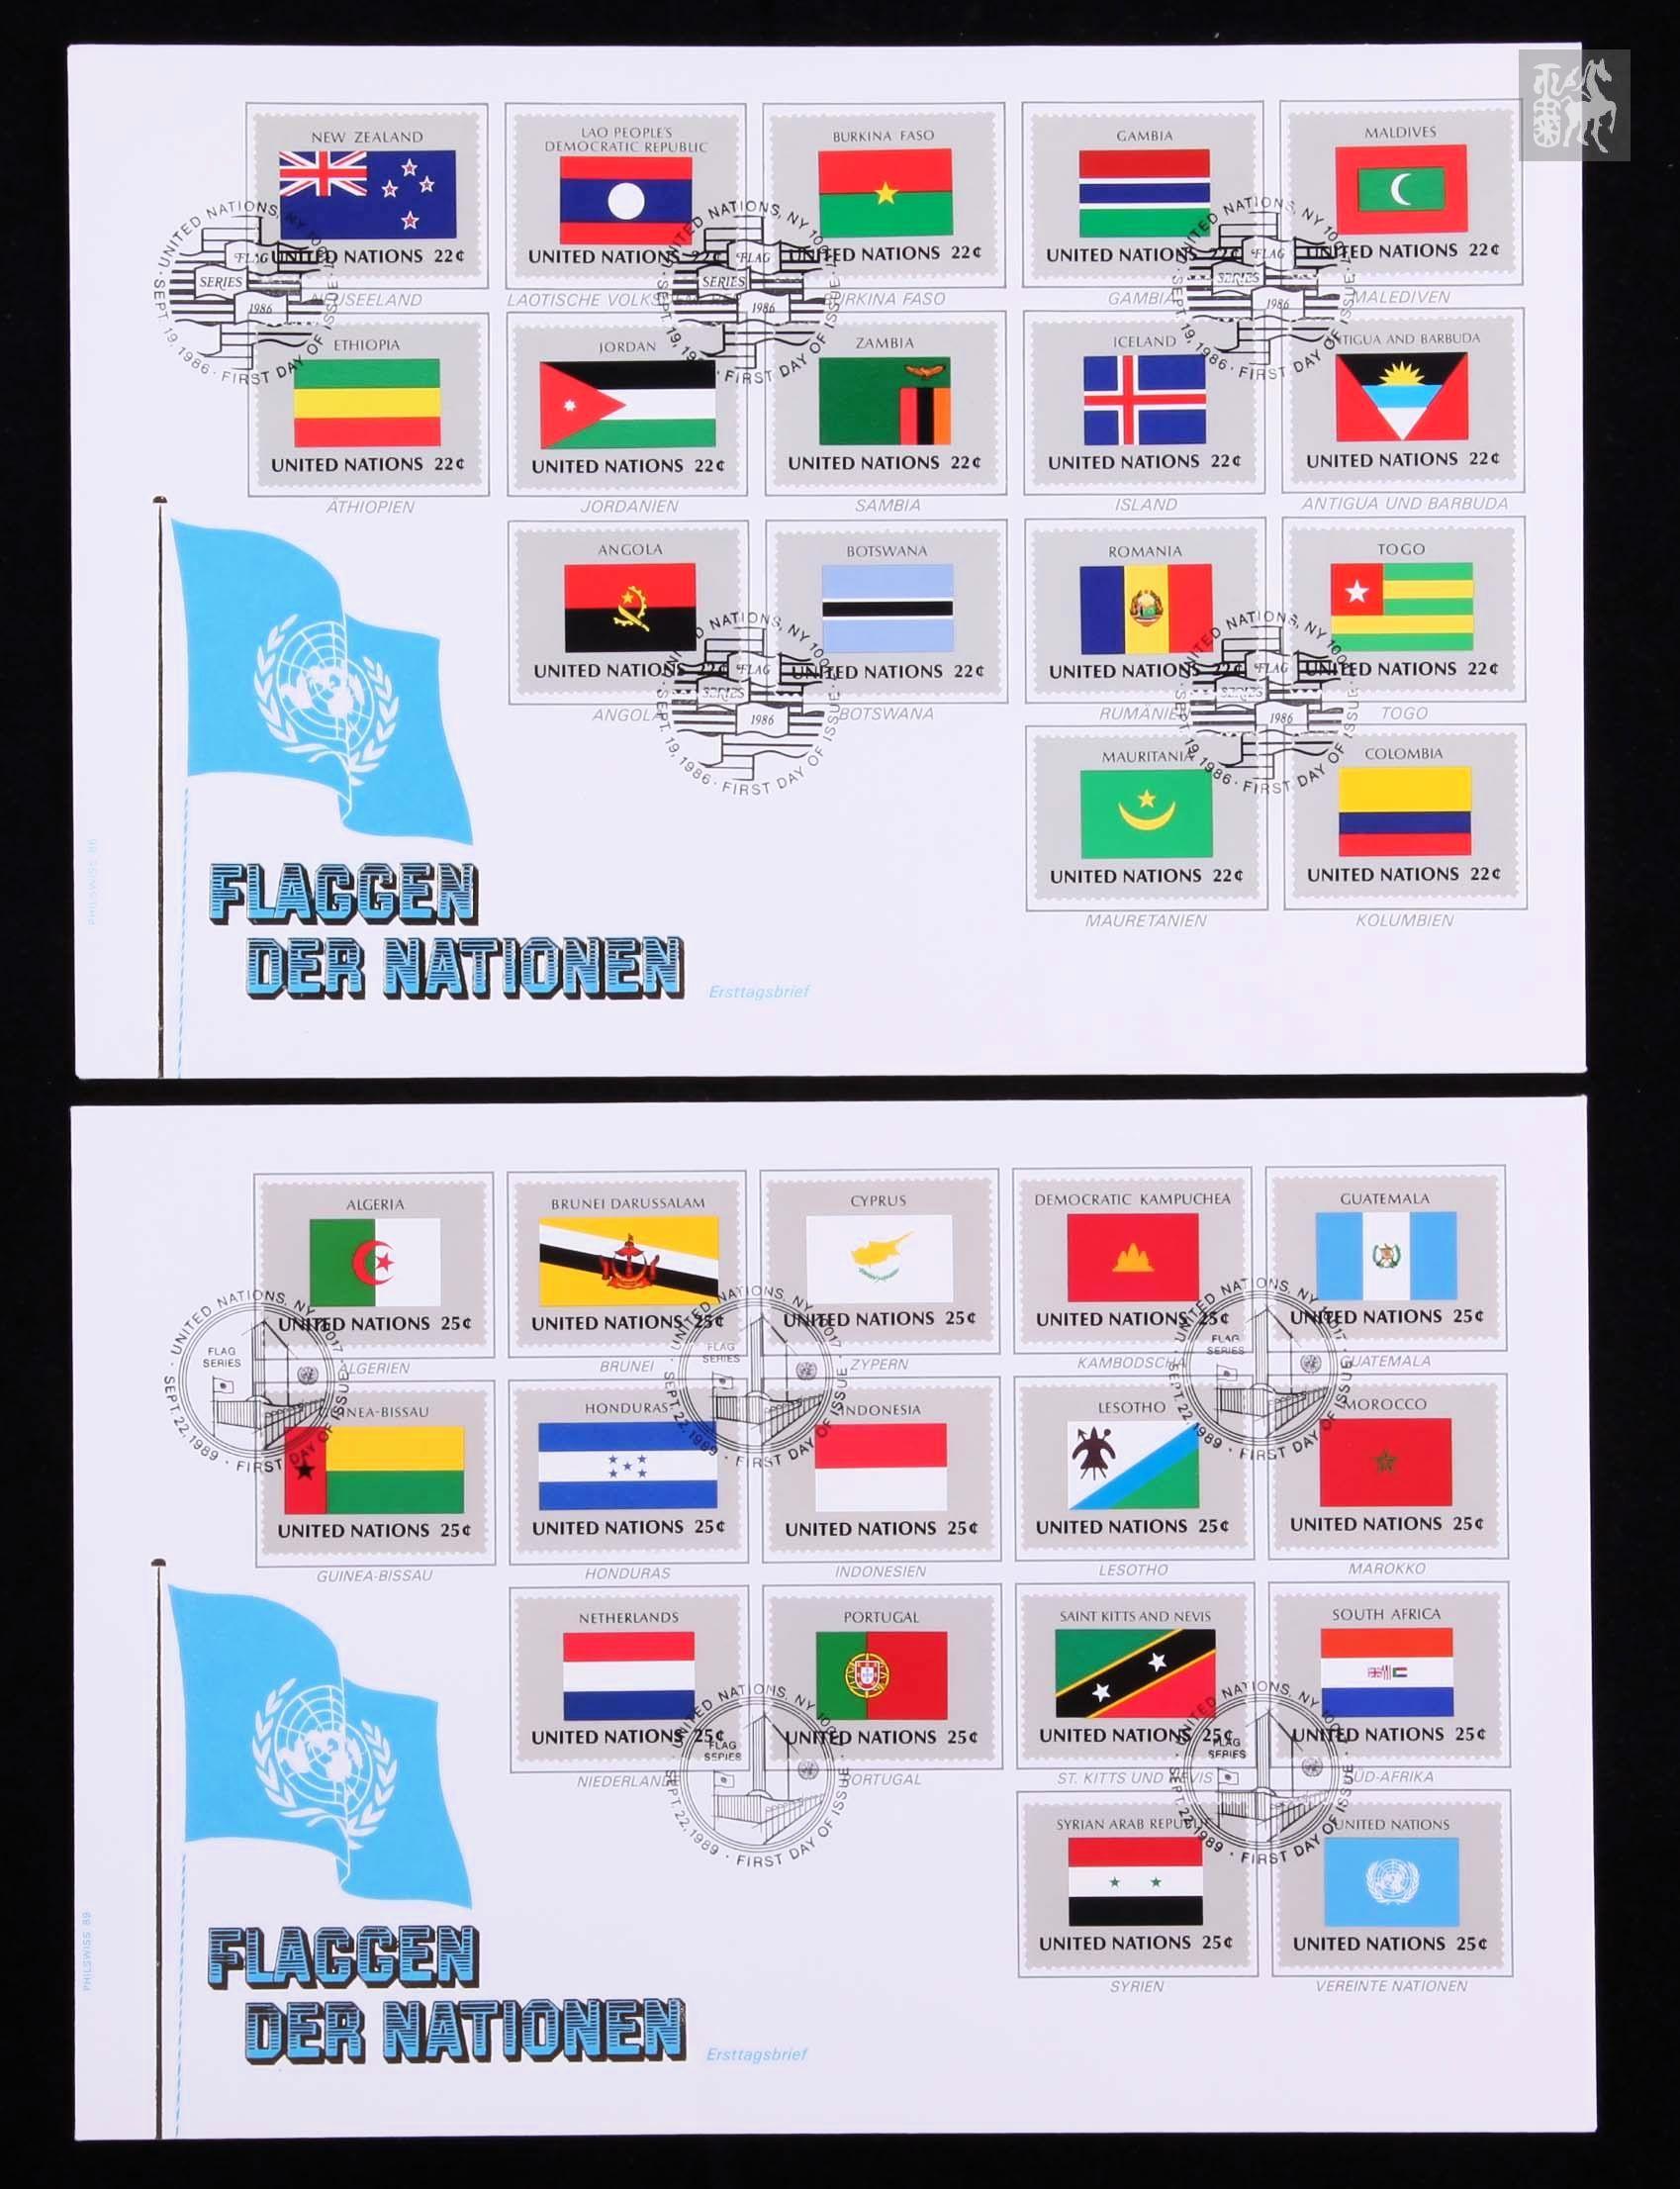 国家国旗矢量图__公共标识标志_标识标志图标高清图片